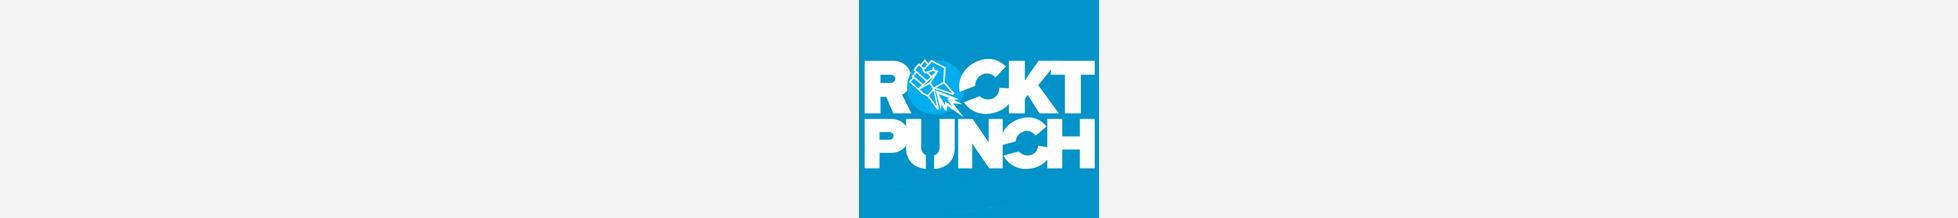 rockt-punch.jpg